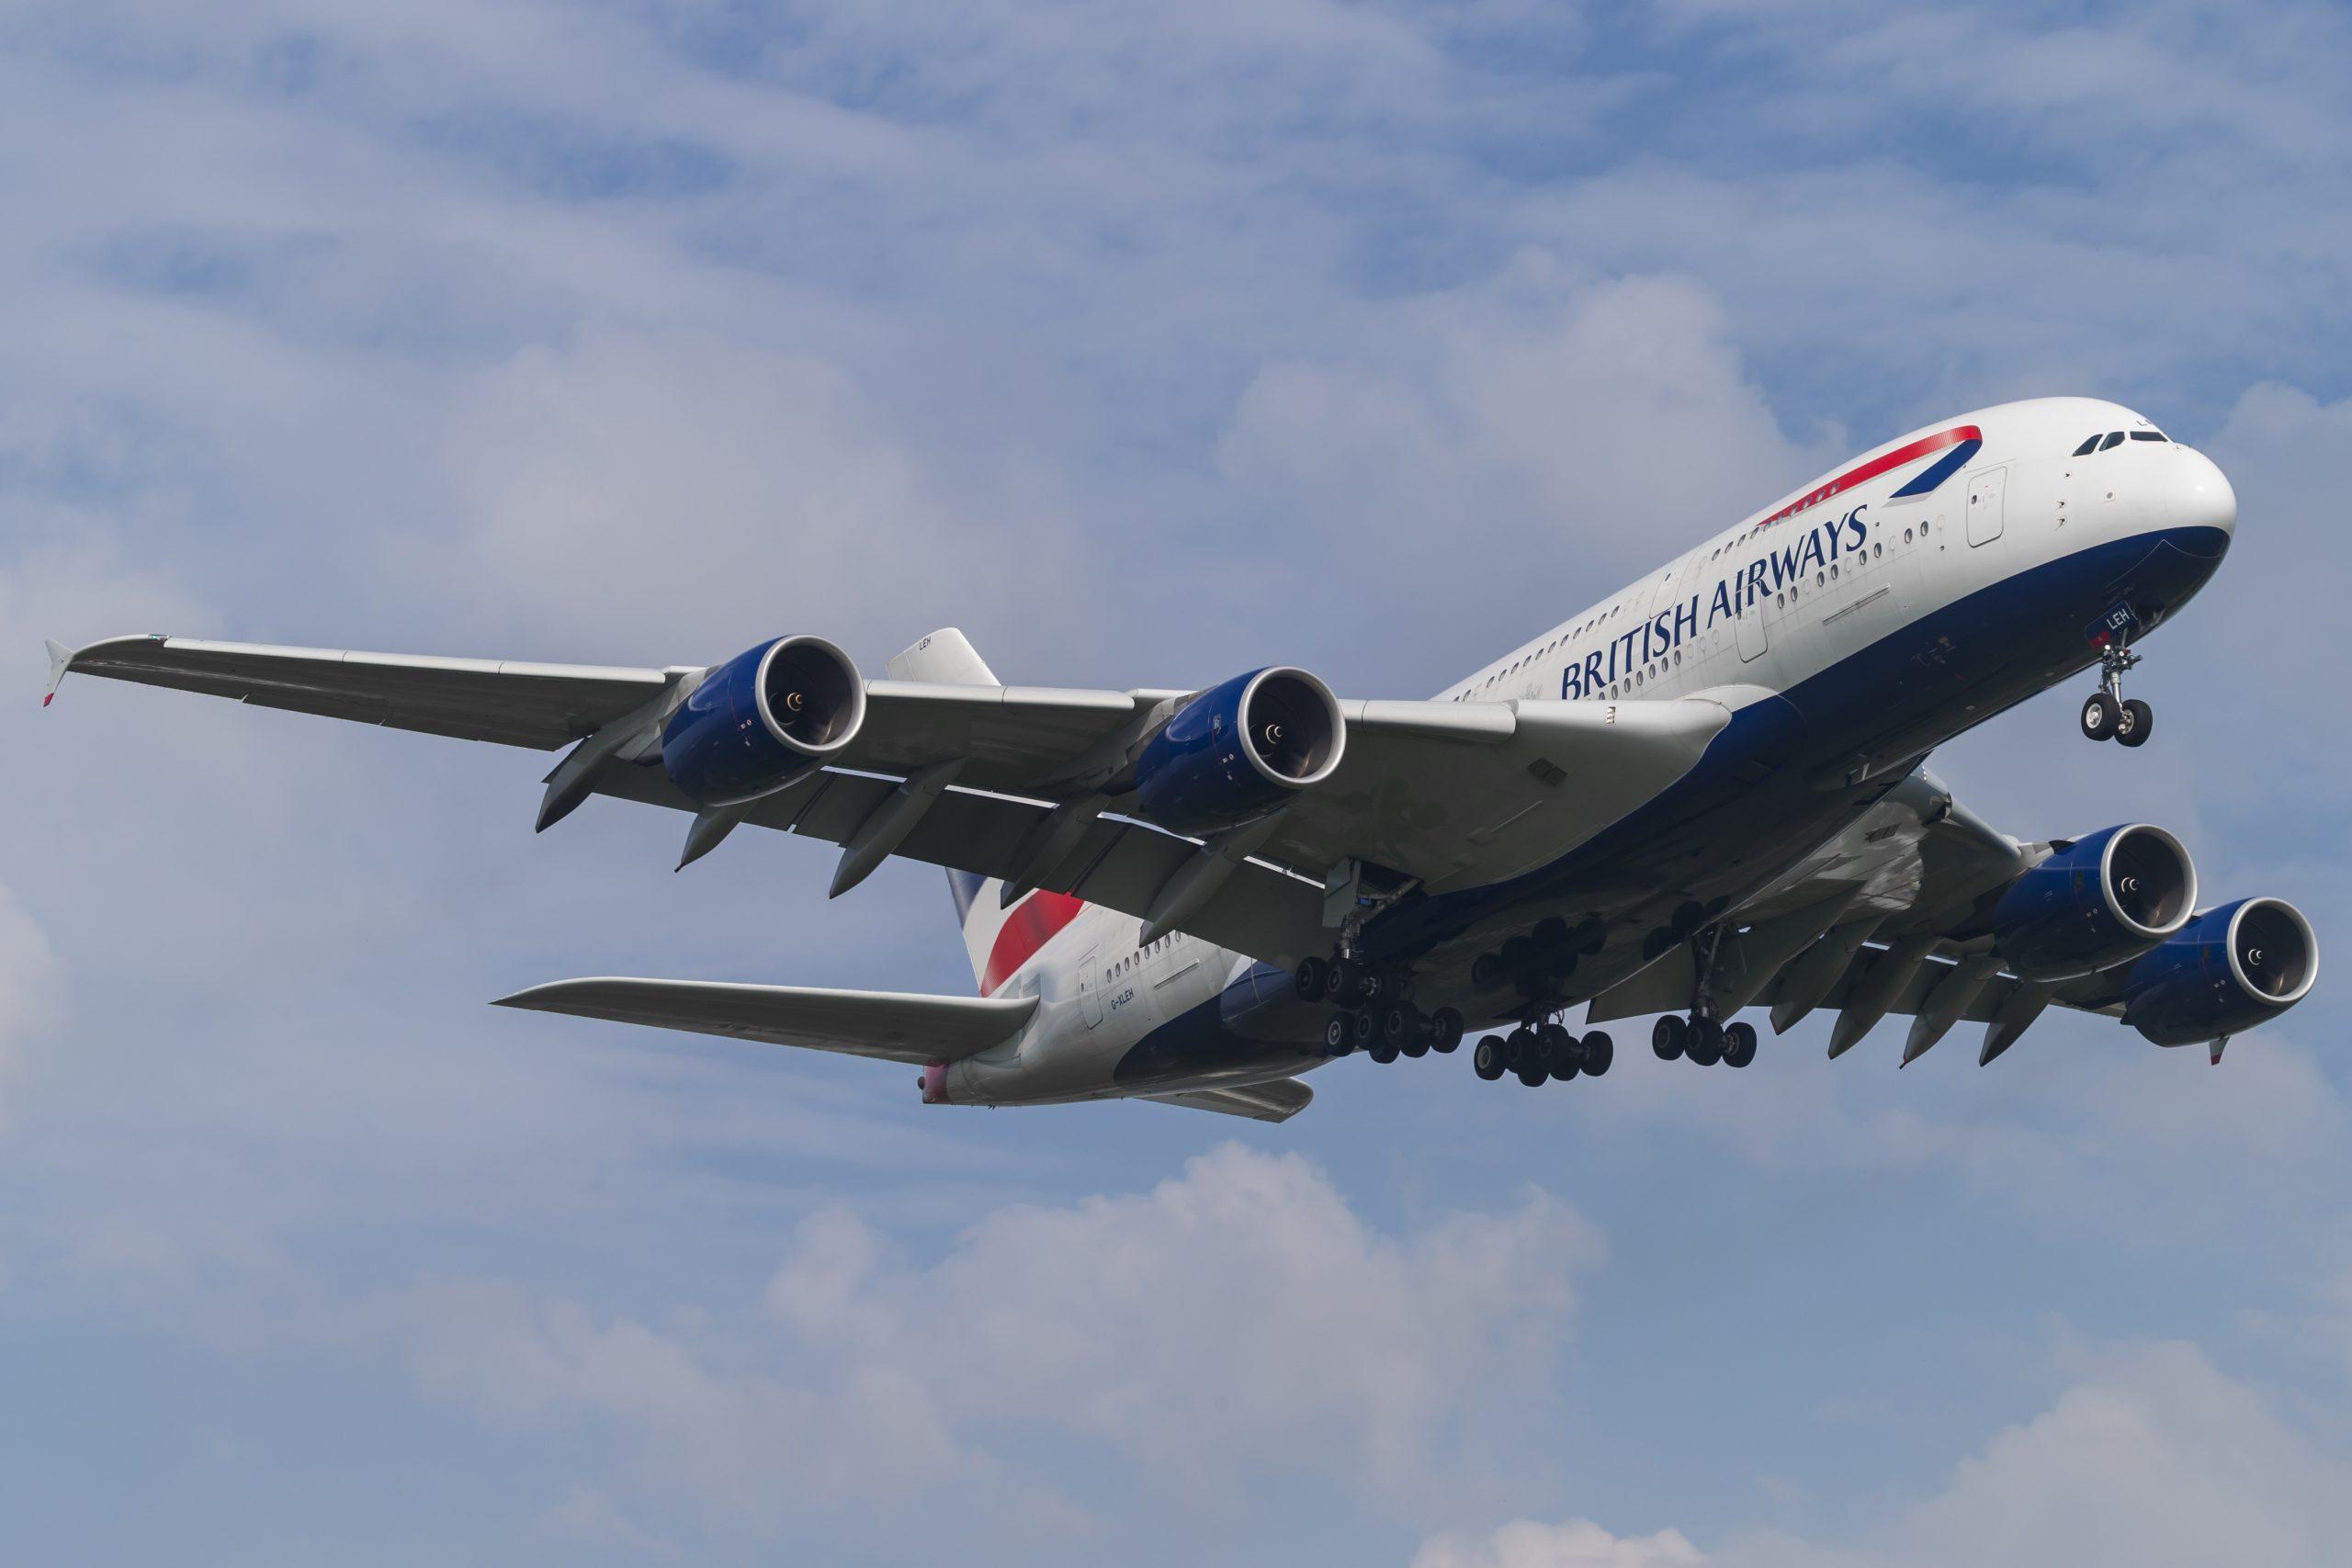 En Airbus A380-800 fra British Airways. Foto: © Thorbjørn Brunander Sund, Danish Aviation Photo